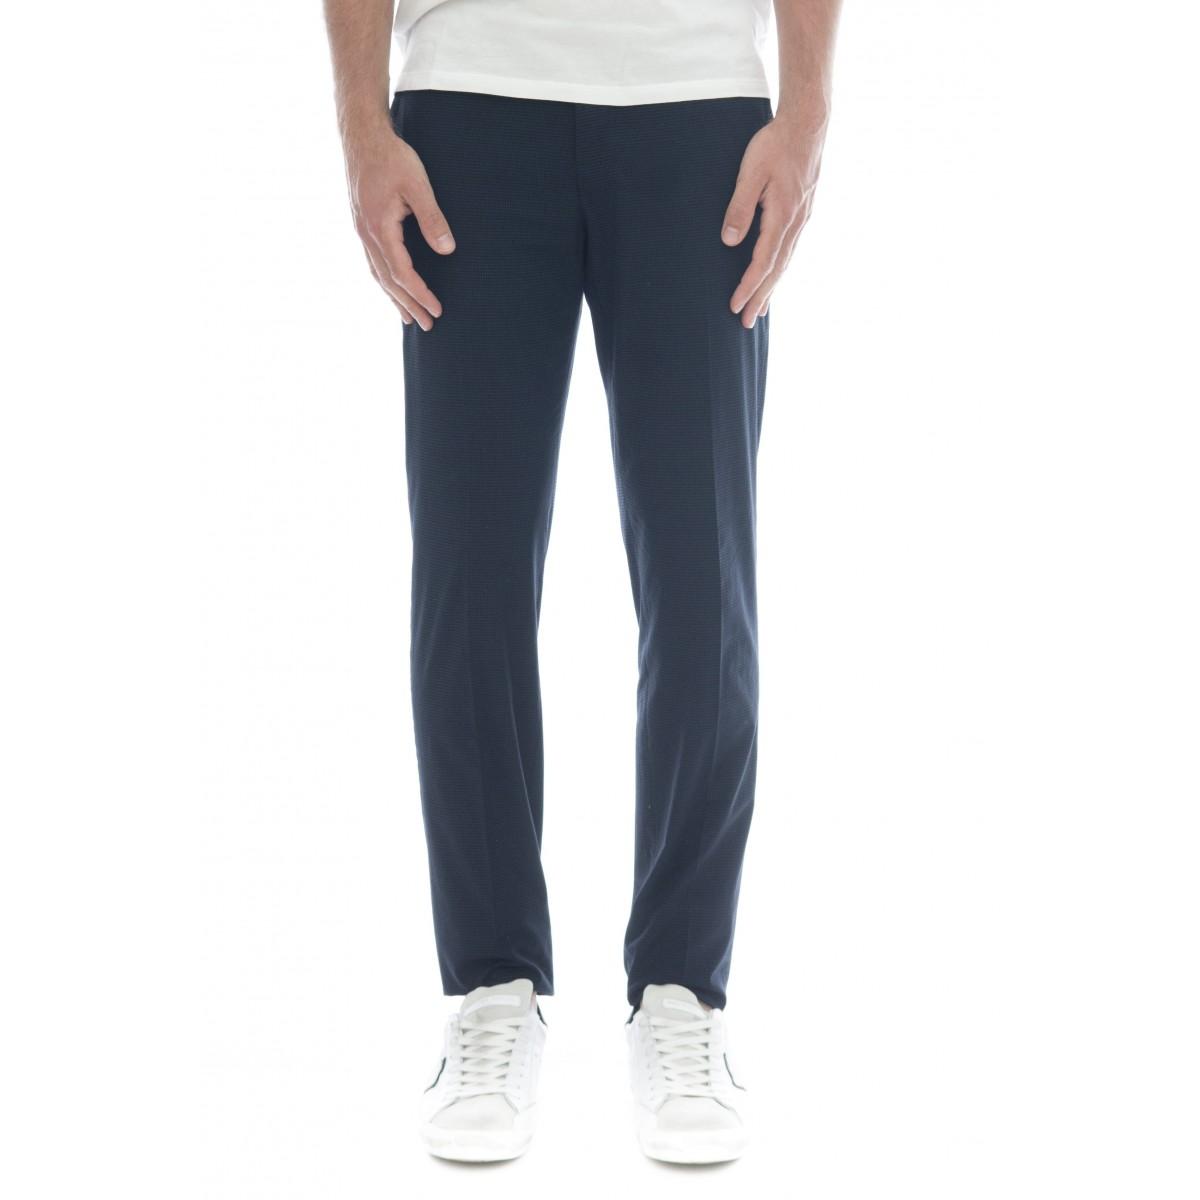 Pantalone uomo - 1gwt30 9175a slim ultralight lavorto